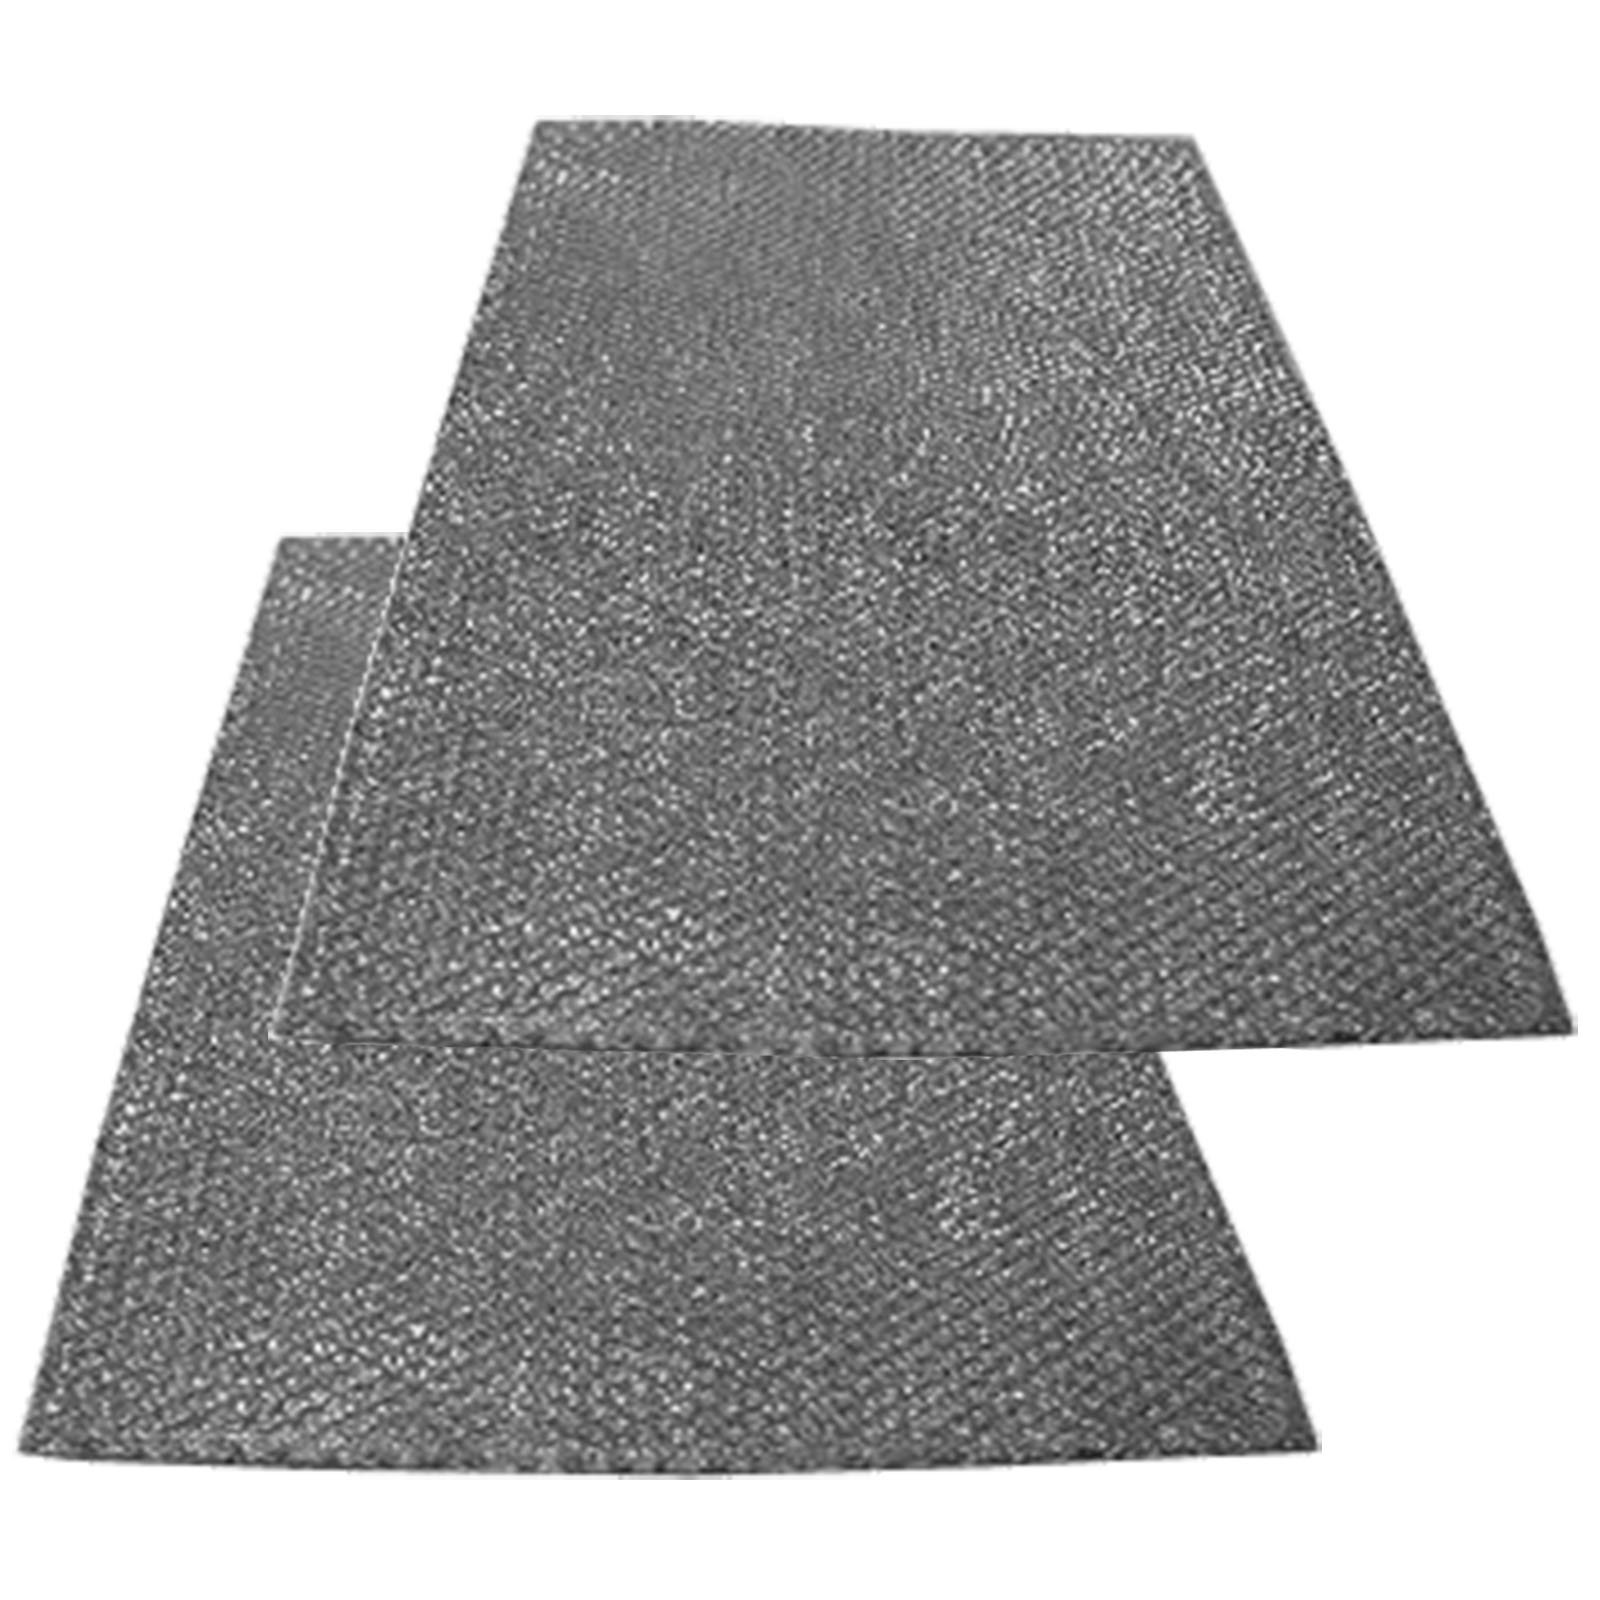 Spares2go Universal grande aluminio corte a tamaño de malla filtro para todas las marcas de campana extractora/extractor ventilación (Pack de 2 filtros, 90 x 47 cm): Amazon.es: Hogar